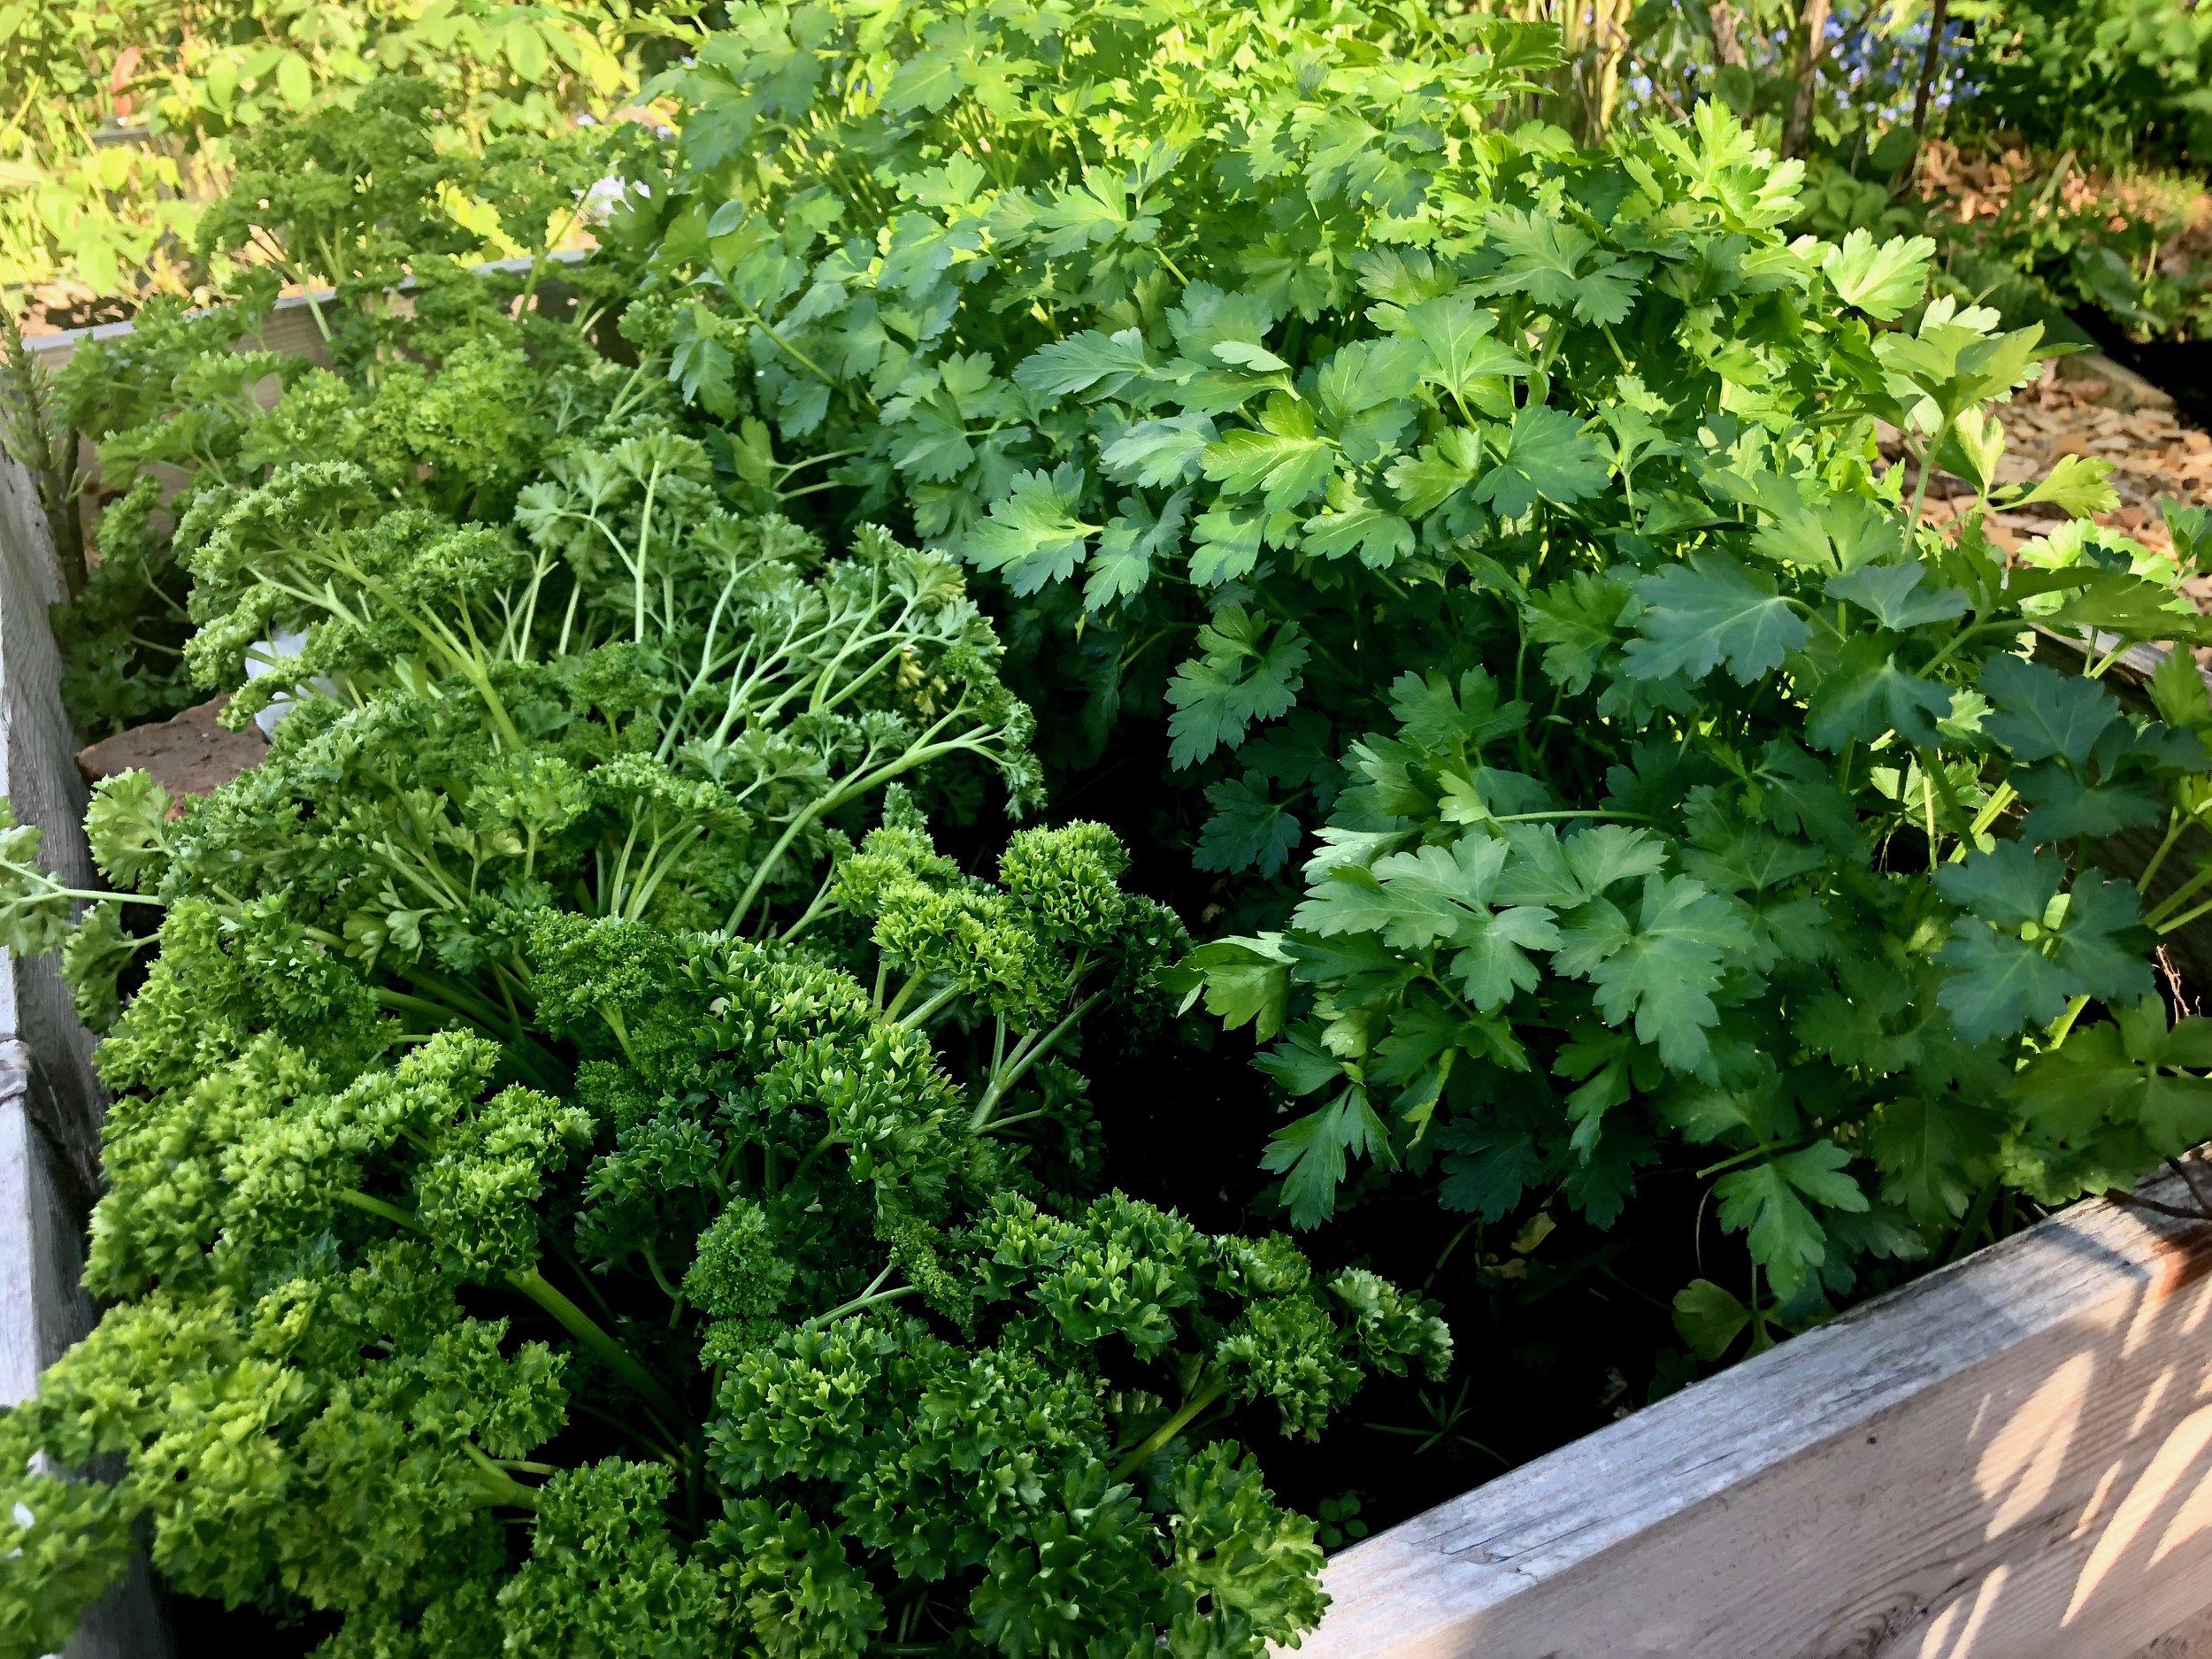 Udplantningsplanterne i højbedet godt en måned senere, hvor jeg allerede har høstet masser af persille.